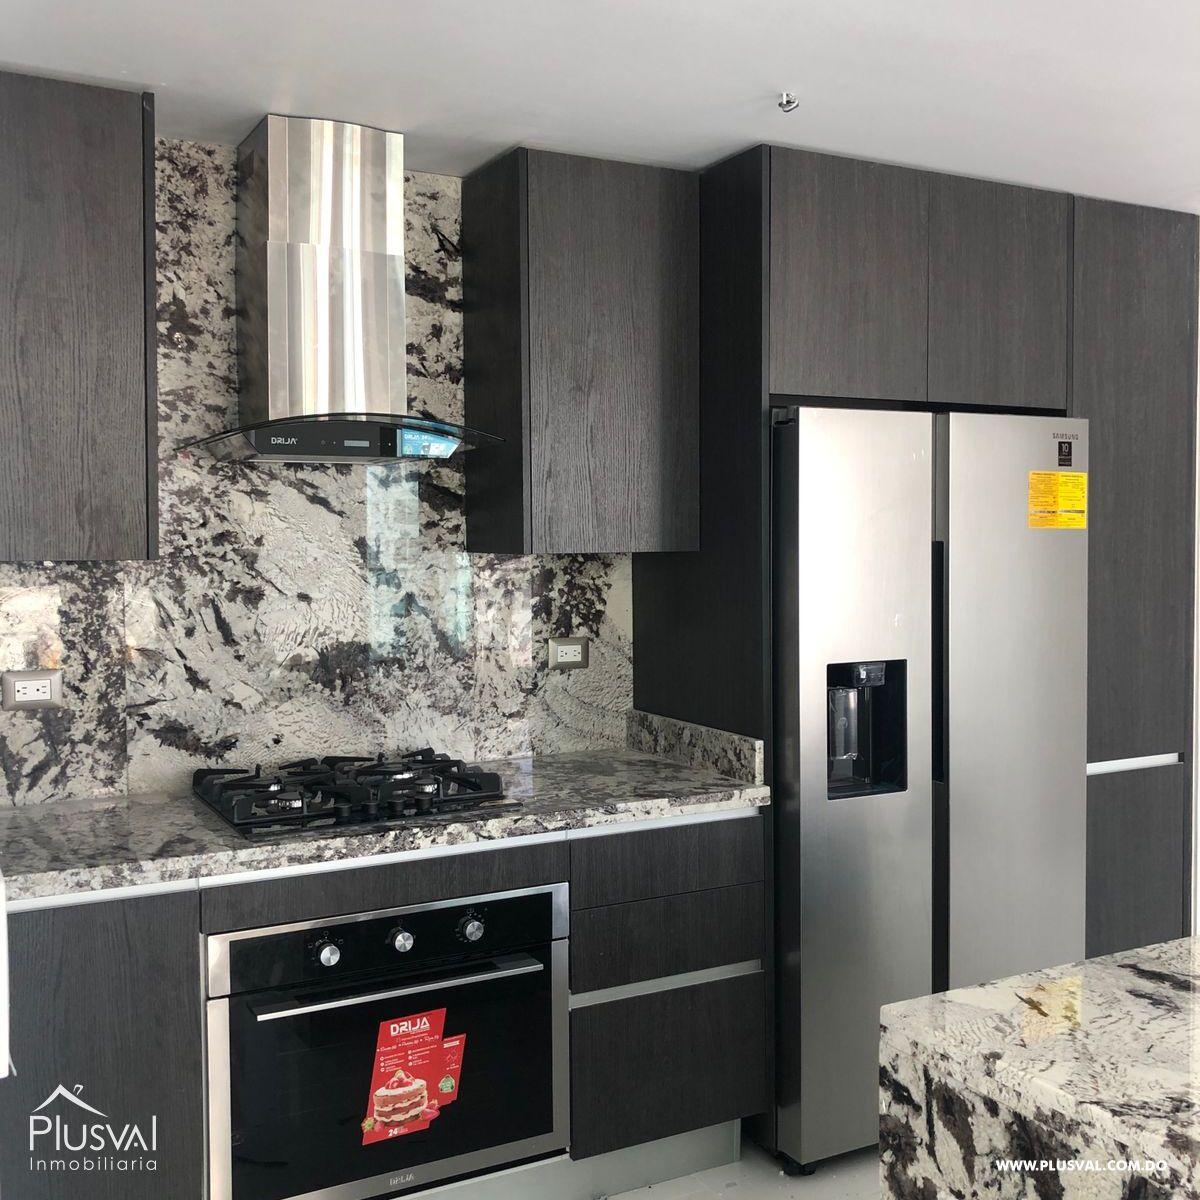 Apartamento en alquiler con linea blanca en Piantini 184902